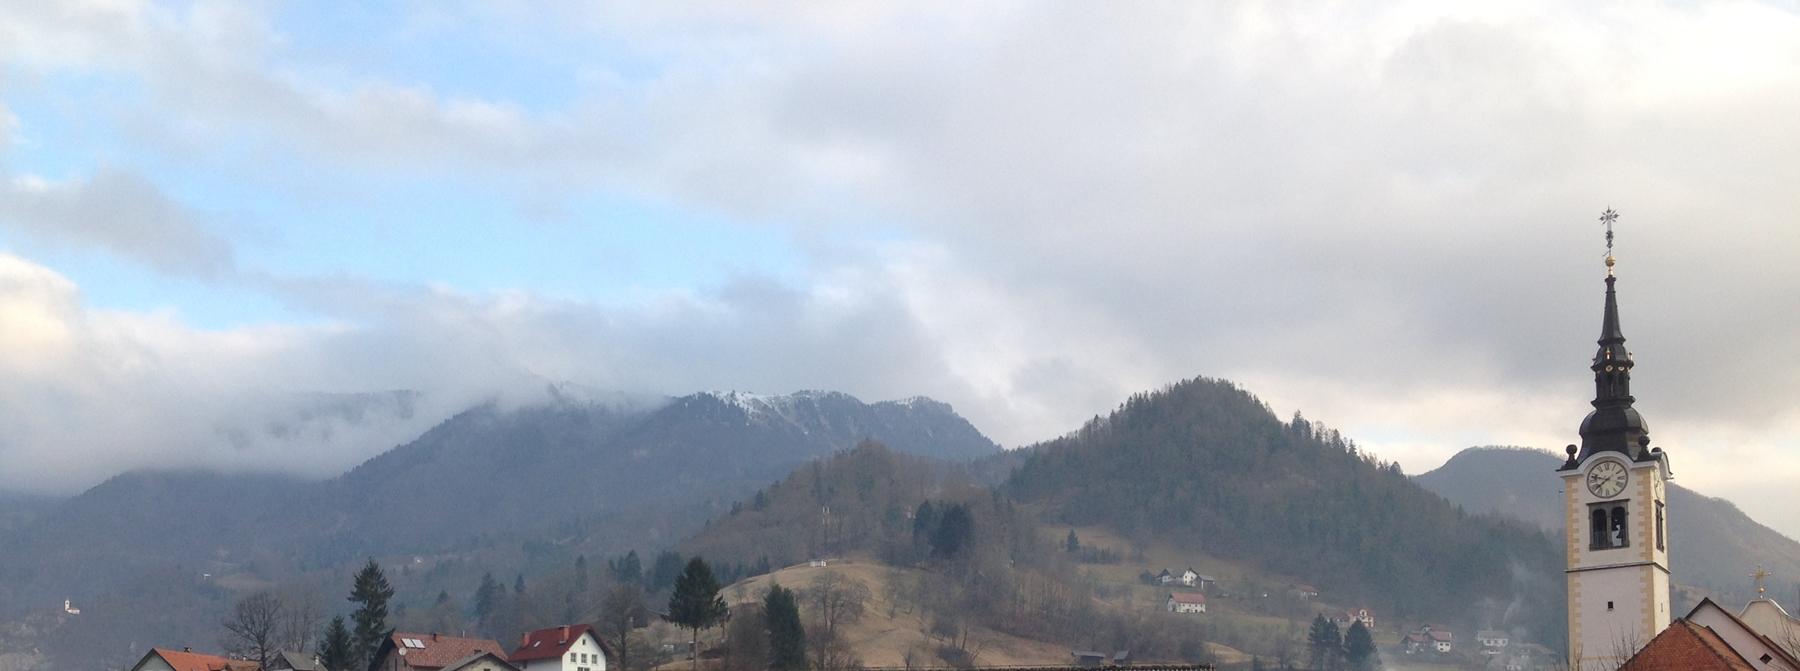 Kilátás a hotelből Forrás: Kakuk András- Mozgasvilag.hu